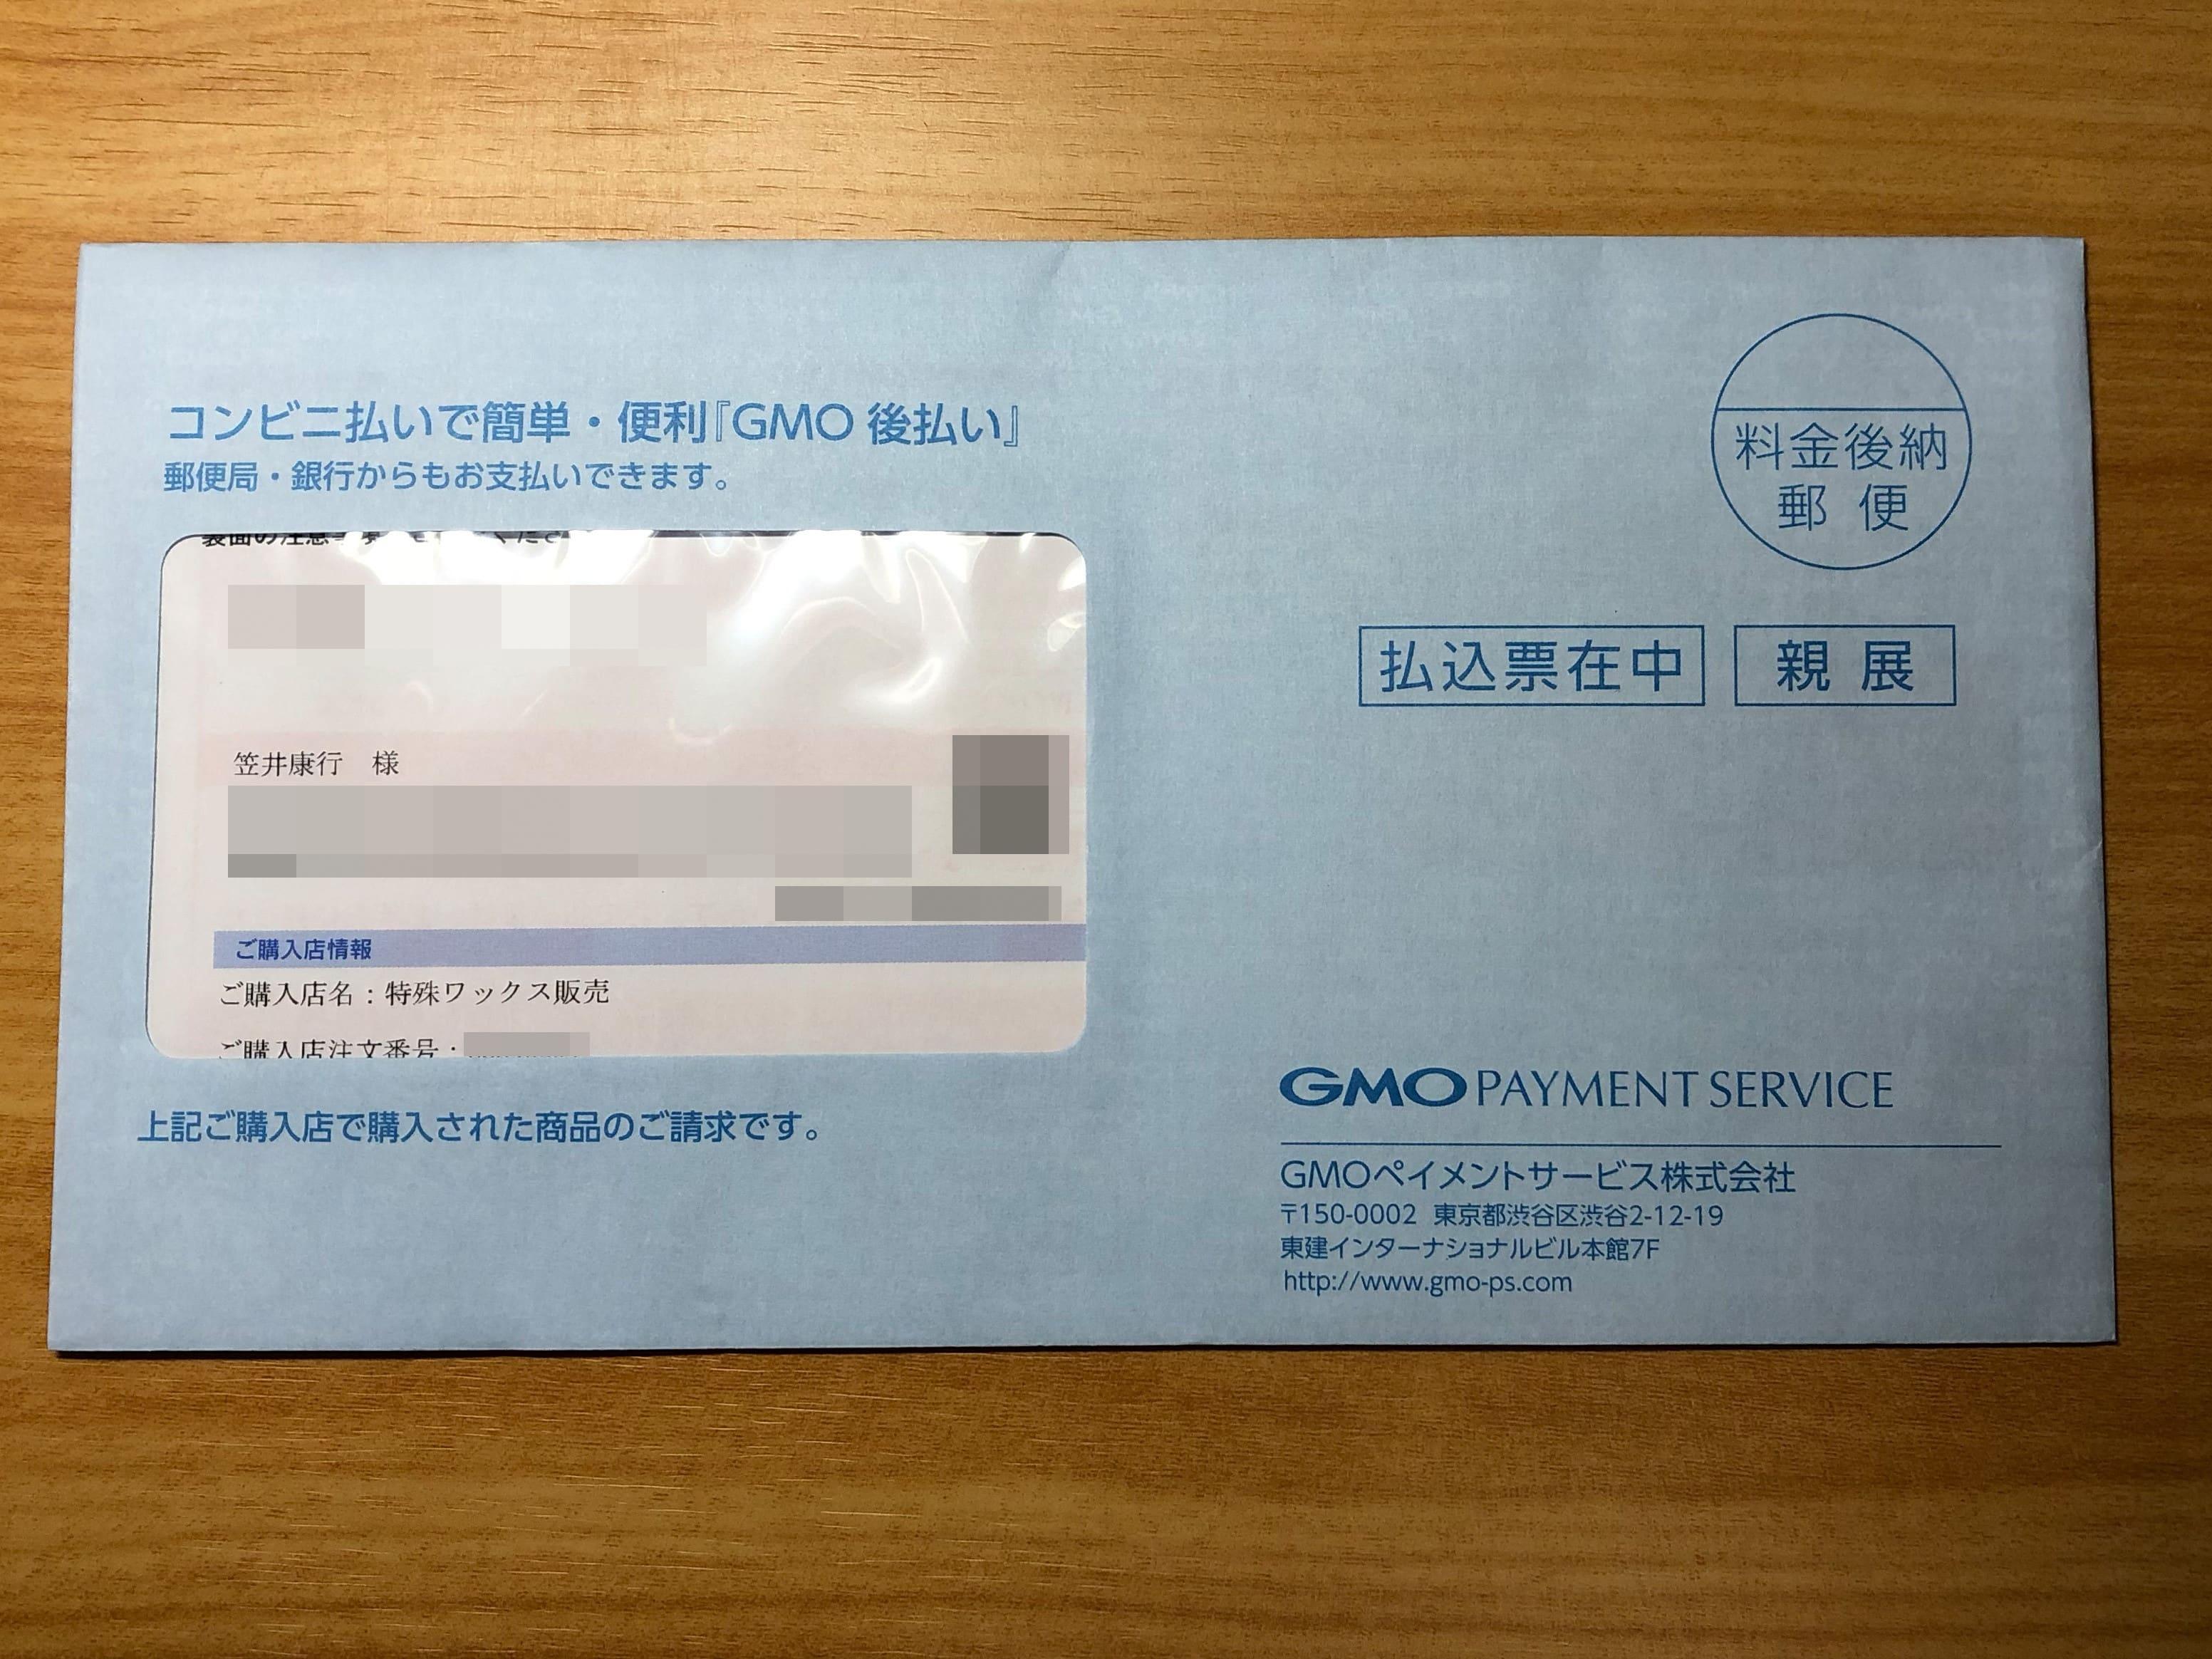 Gmo 後払い と は GMO後払い 「請求書スマホ支払い」で商品購入から代金支払いまで自宅で可能に